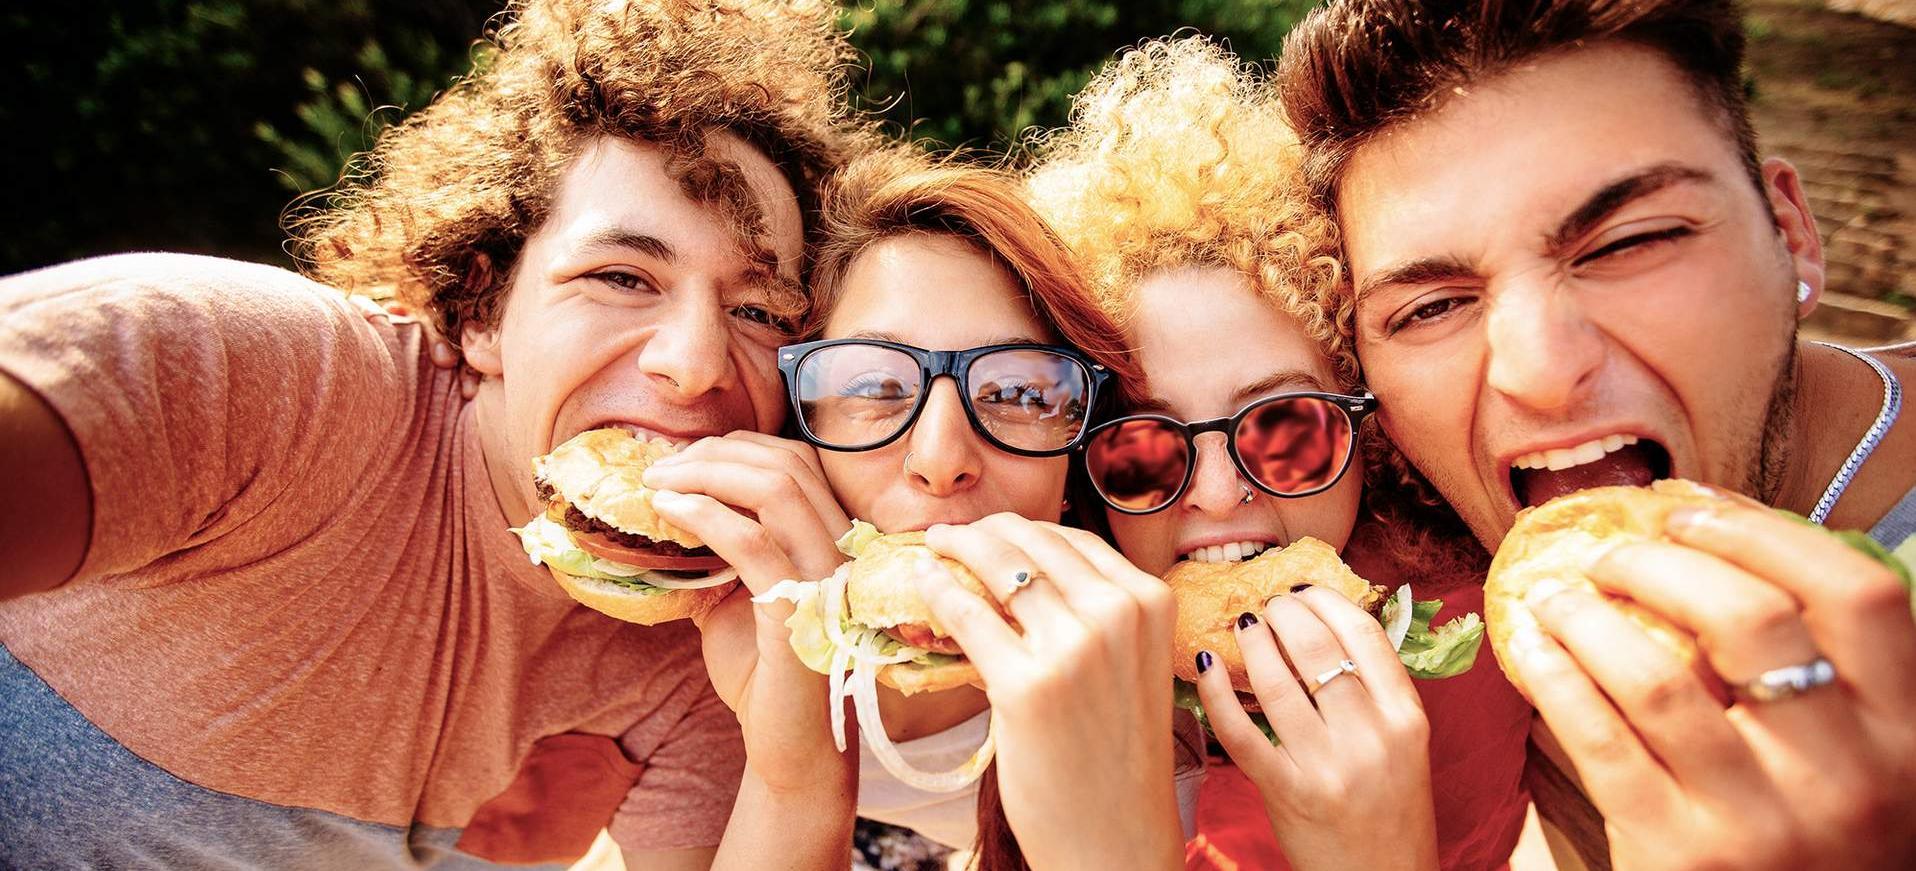 Burgerwochen im Restaurant Sporthotel Kurz